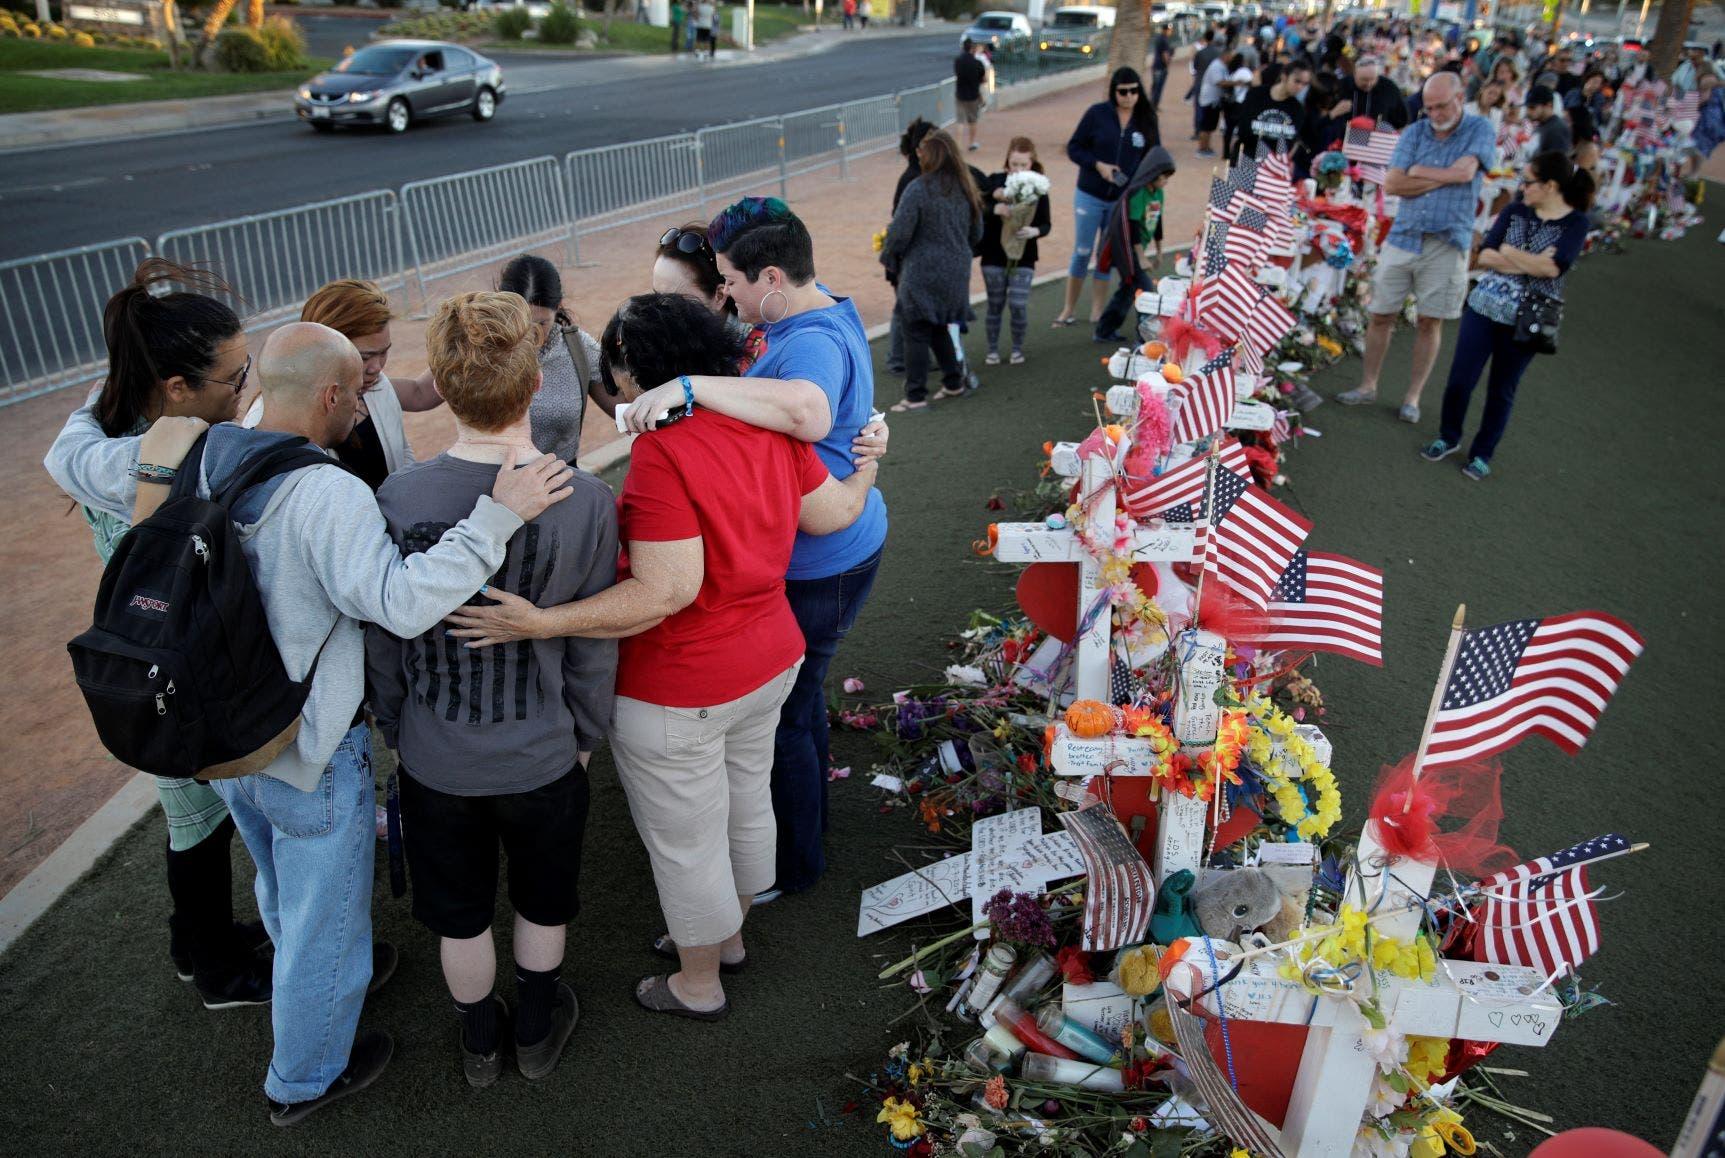 ذكرى مجزرة لاس فيغاس (أرشيفية)